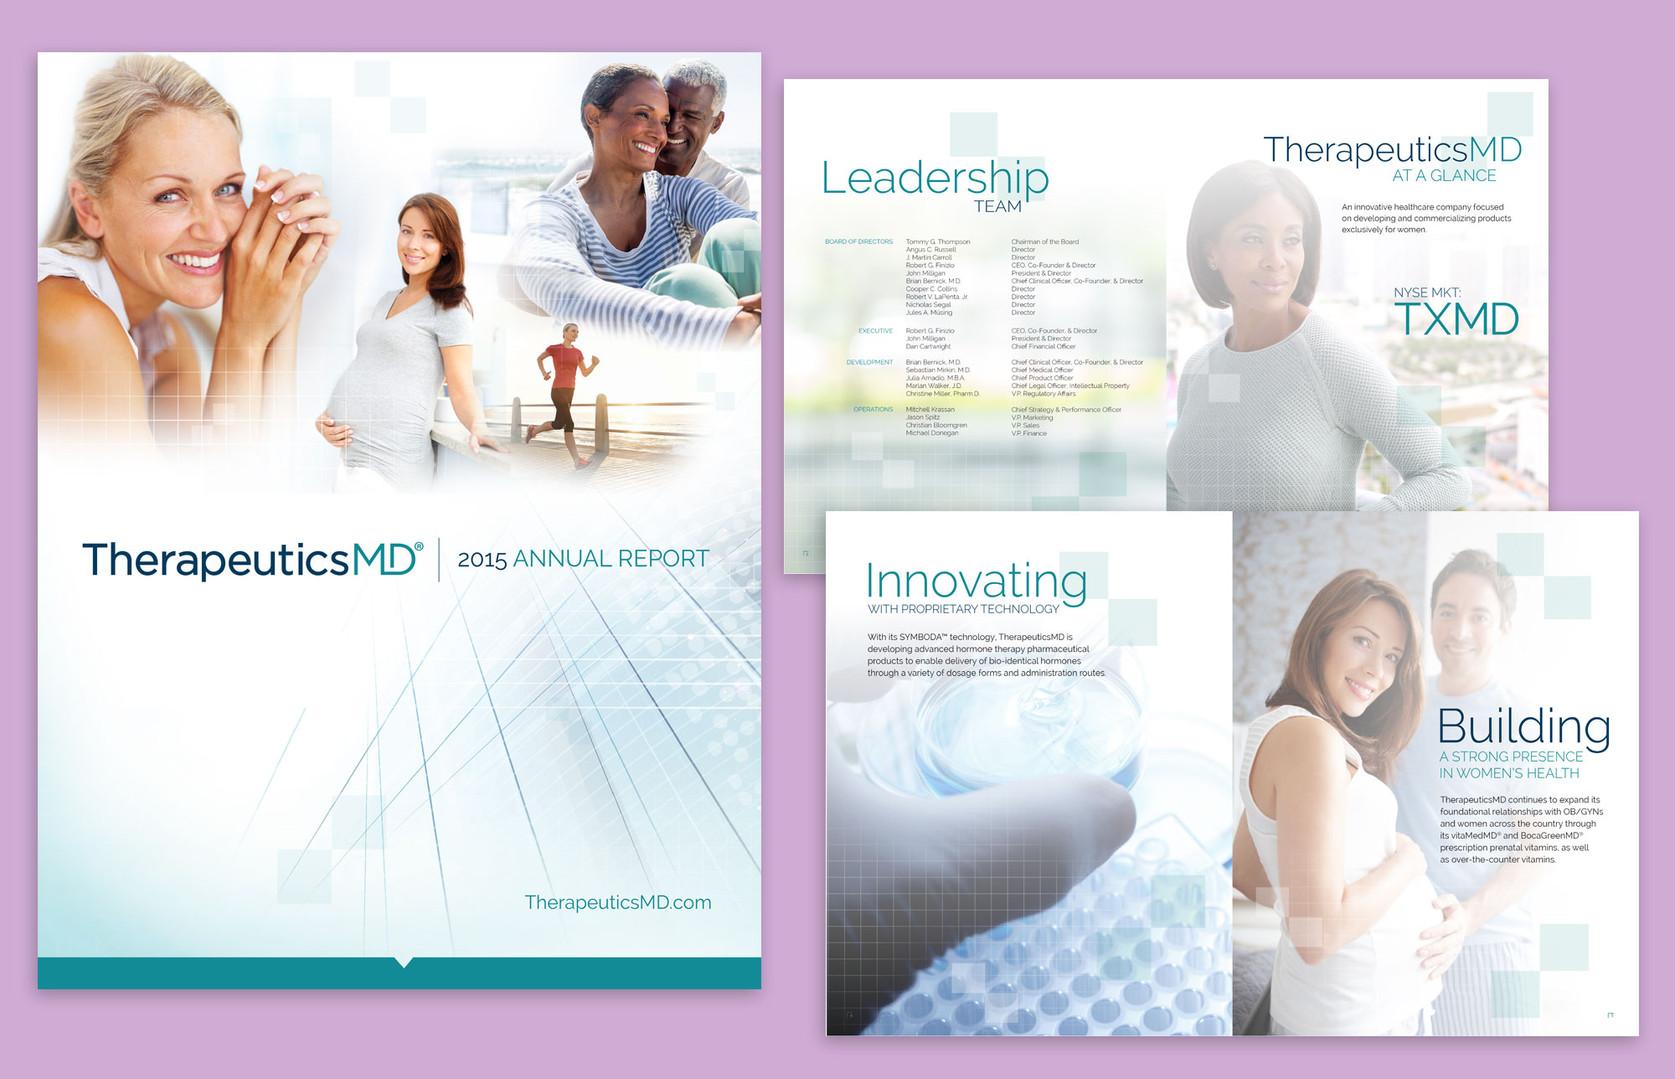 TherapeuticsMD Annual Report